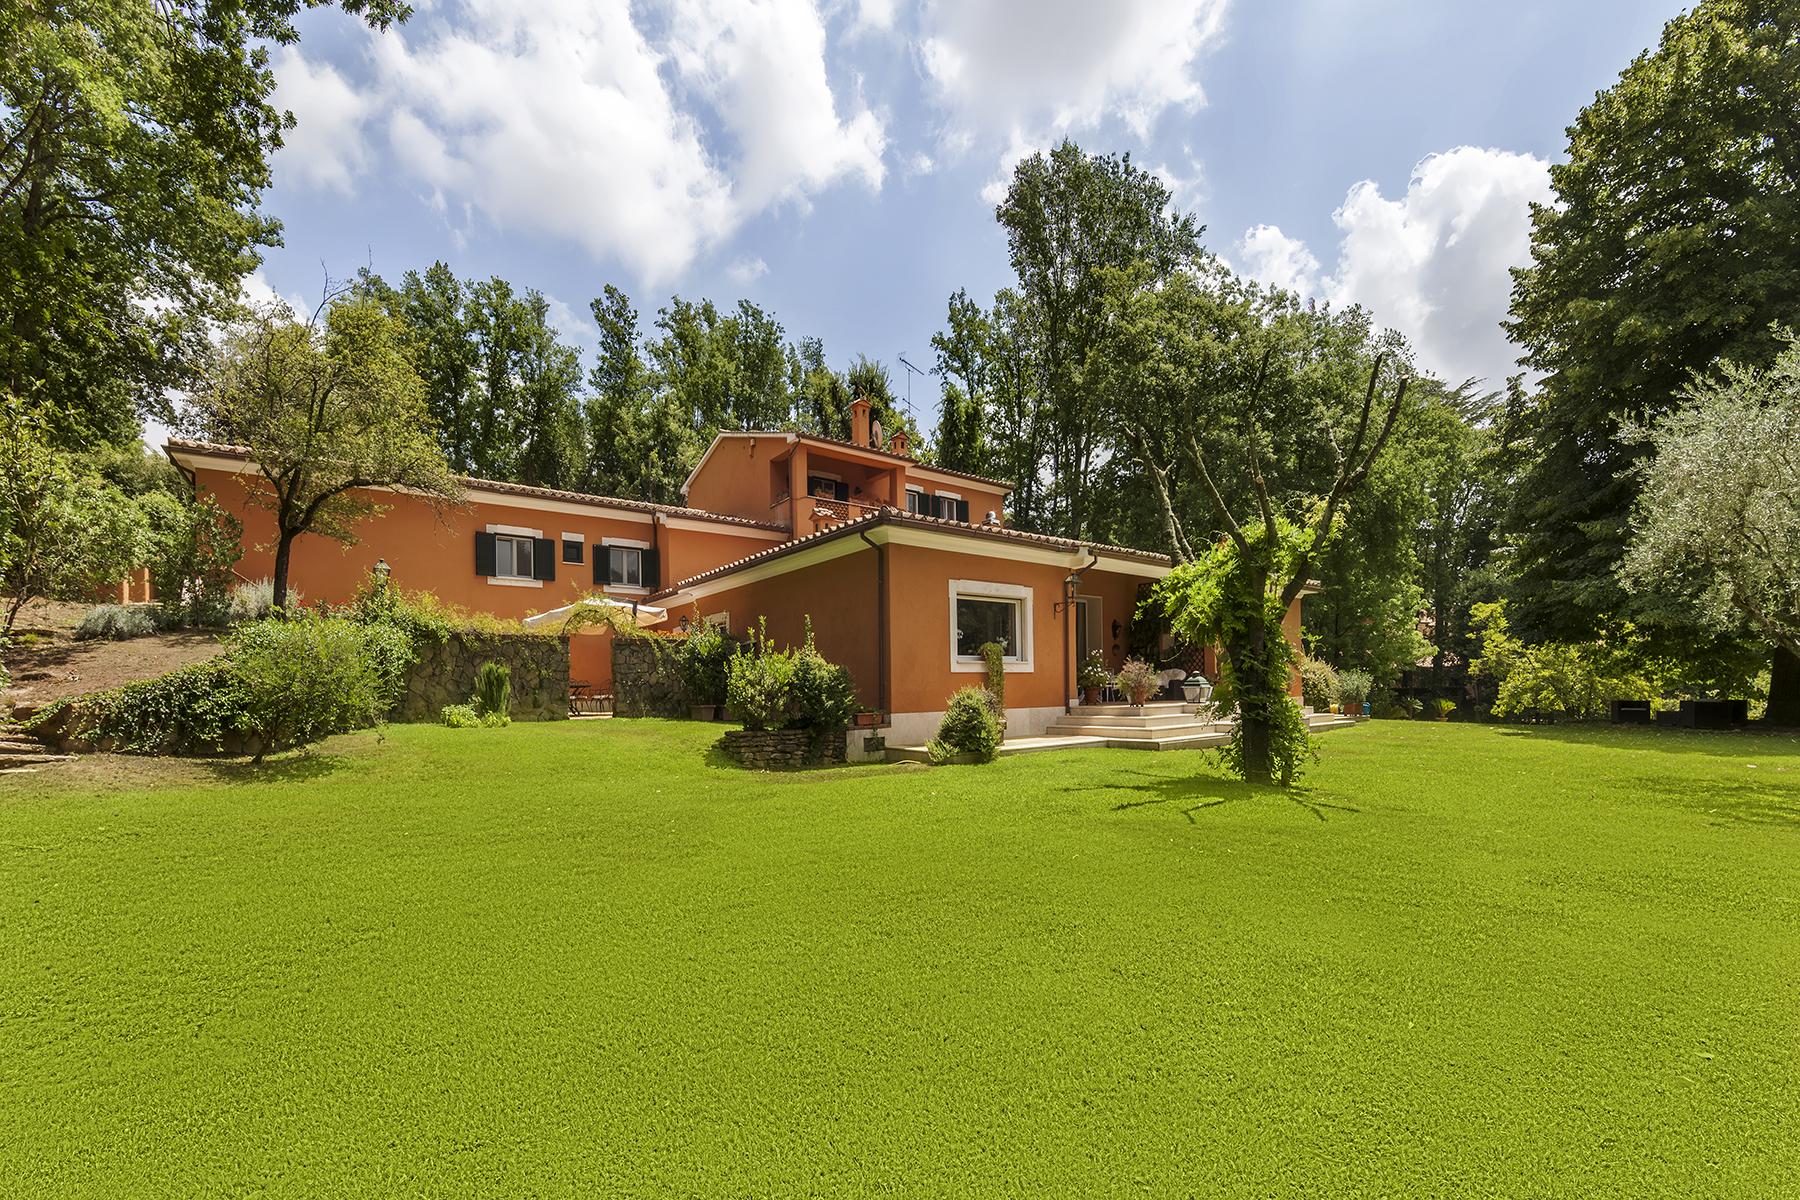 Villa in Vendita a Roma via cassia